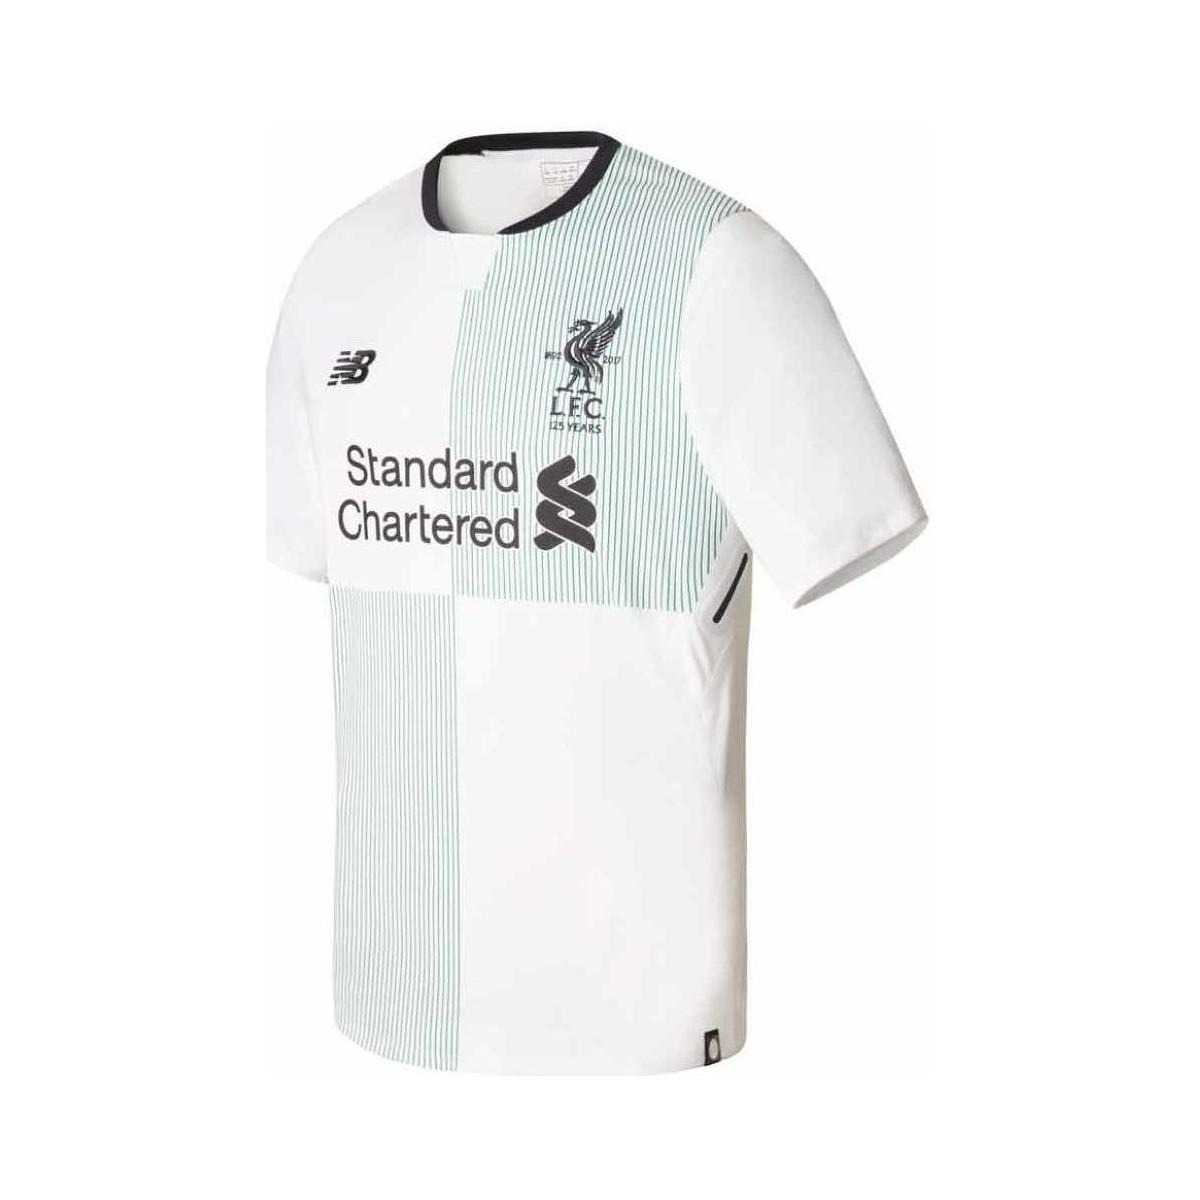 b03caf25a Lyst - New Balance 2017-2018 Liverpool Away Football Shirt Men s T ...